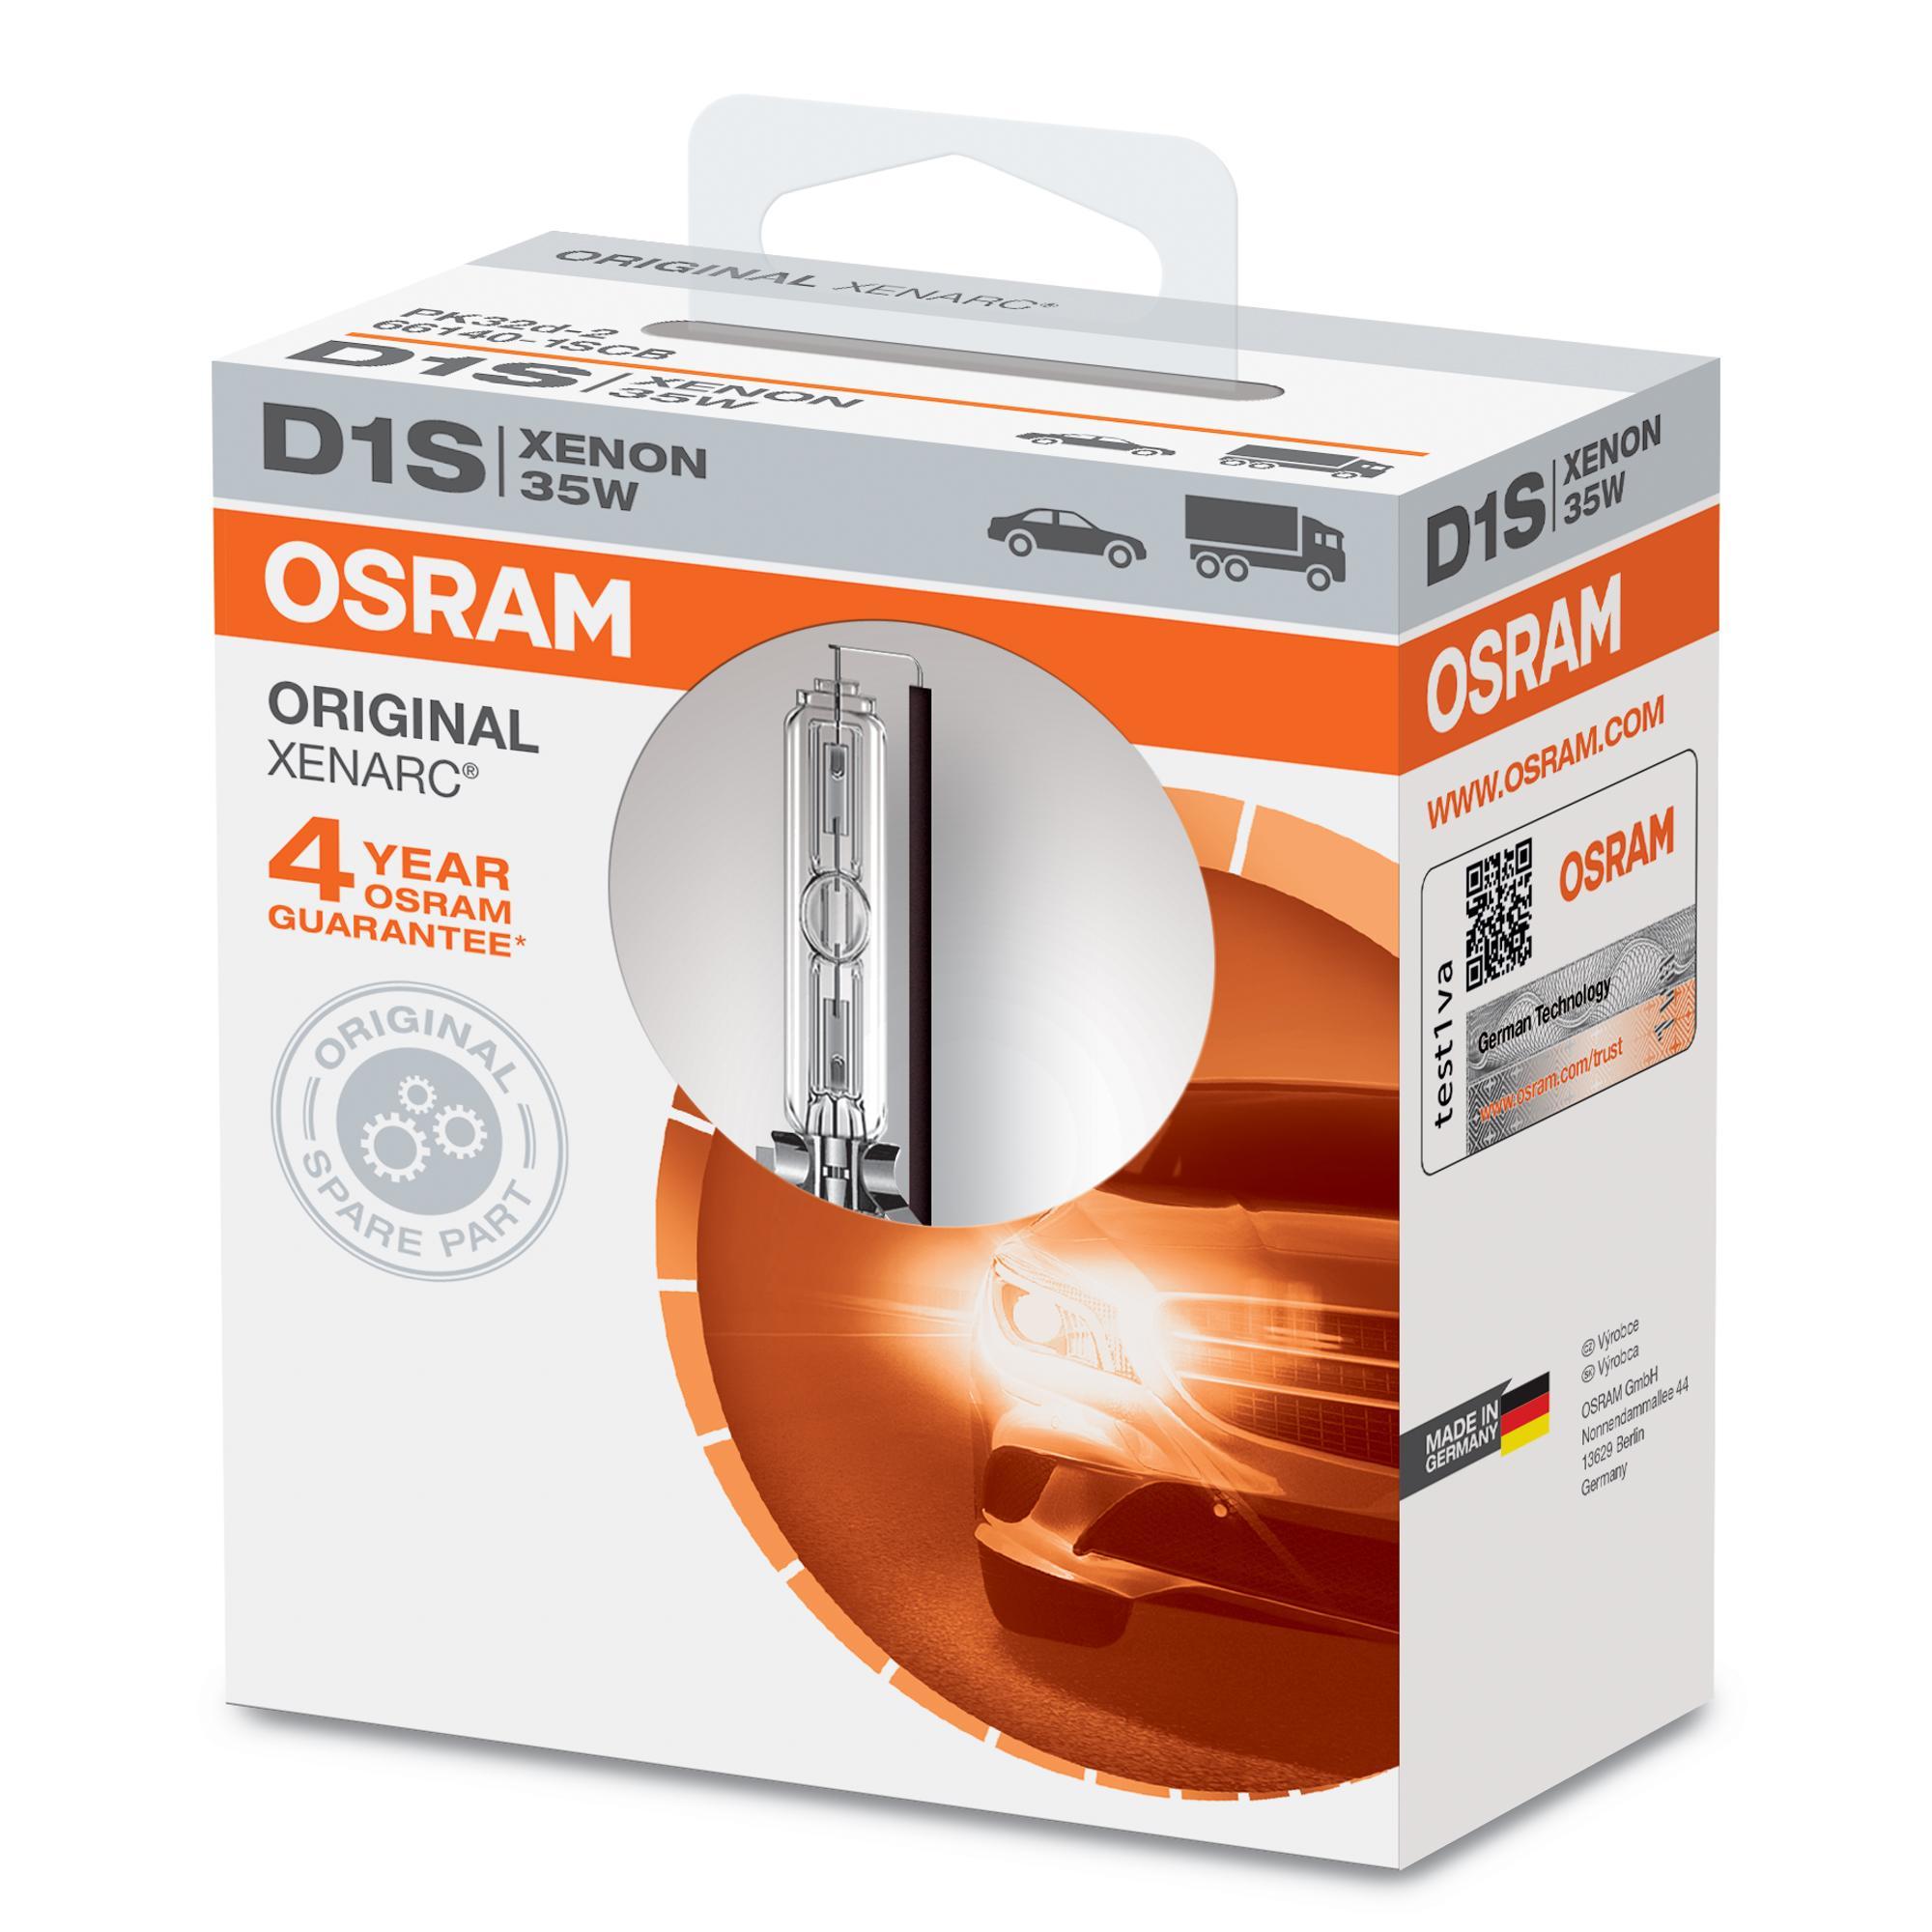 D1S OSRAM XENARC ORIGINAL D1S (lâmpada de descarga de gás) 85V 35W PK32d-2 4300K Xenon Lâmpada, farol de longo alcance 66140 comprar económica